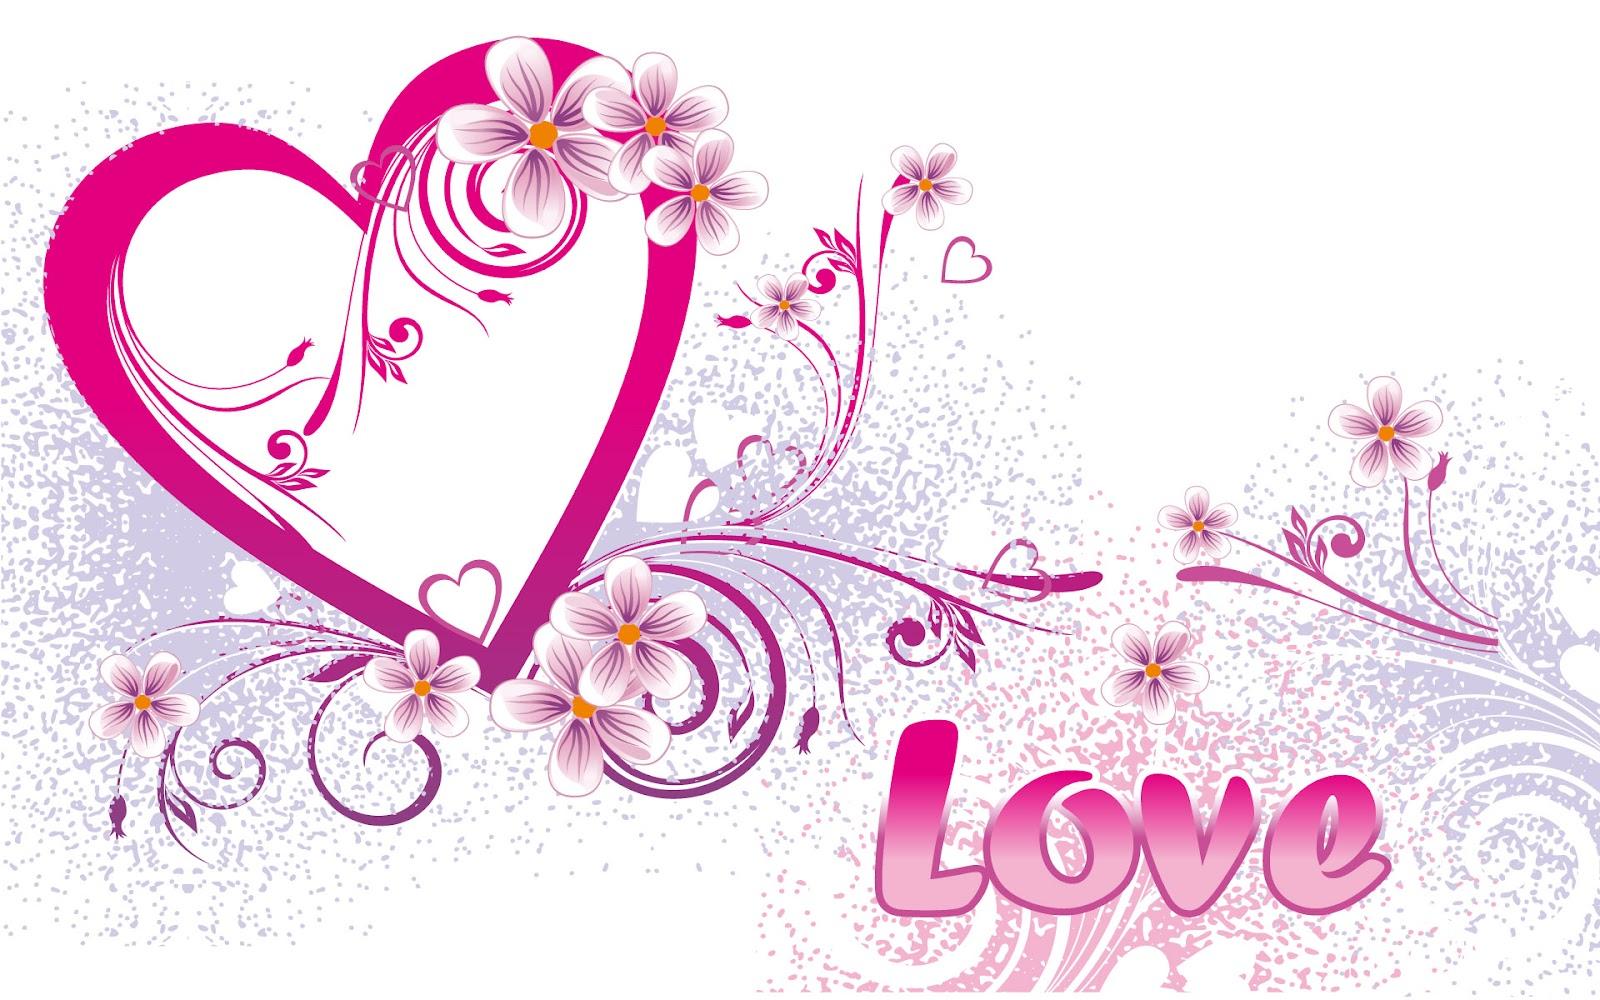 Kumpulan Kata-Kata Romantis Paling Romantis 2012